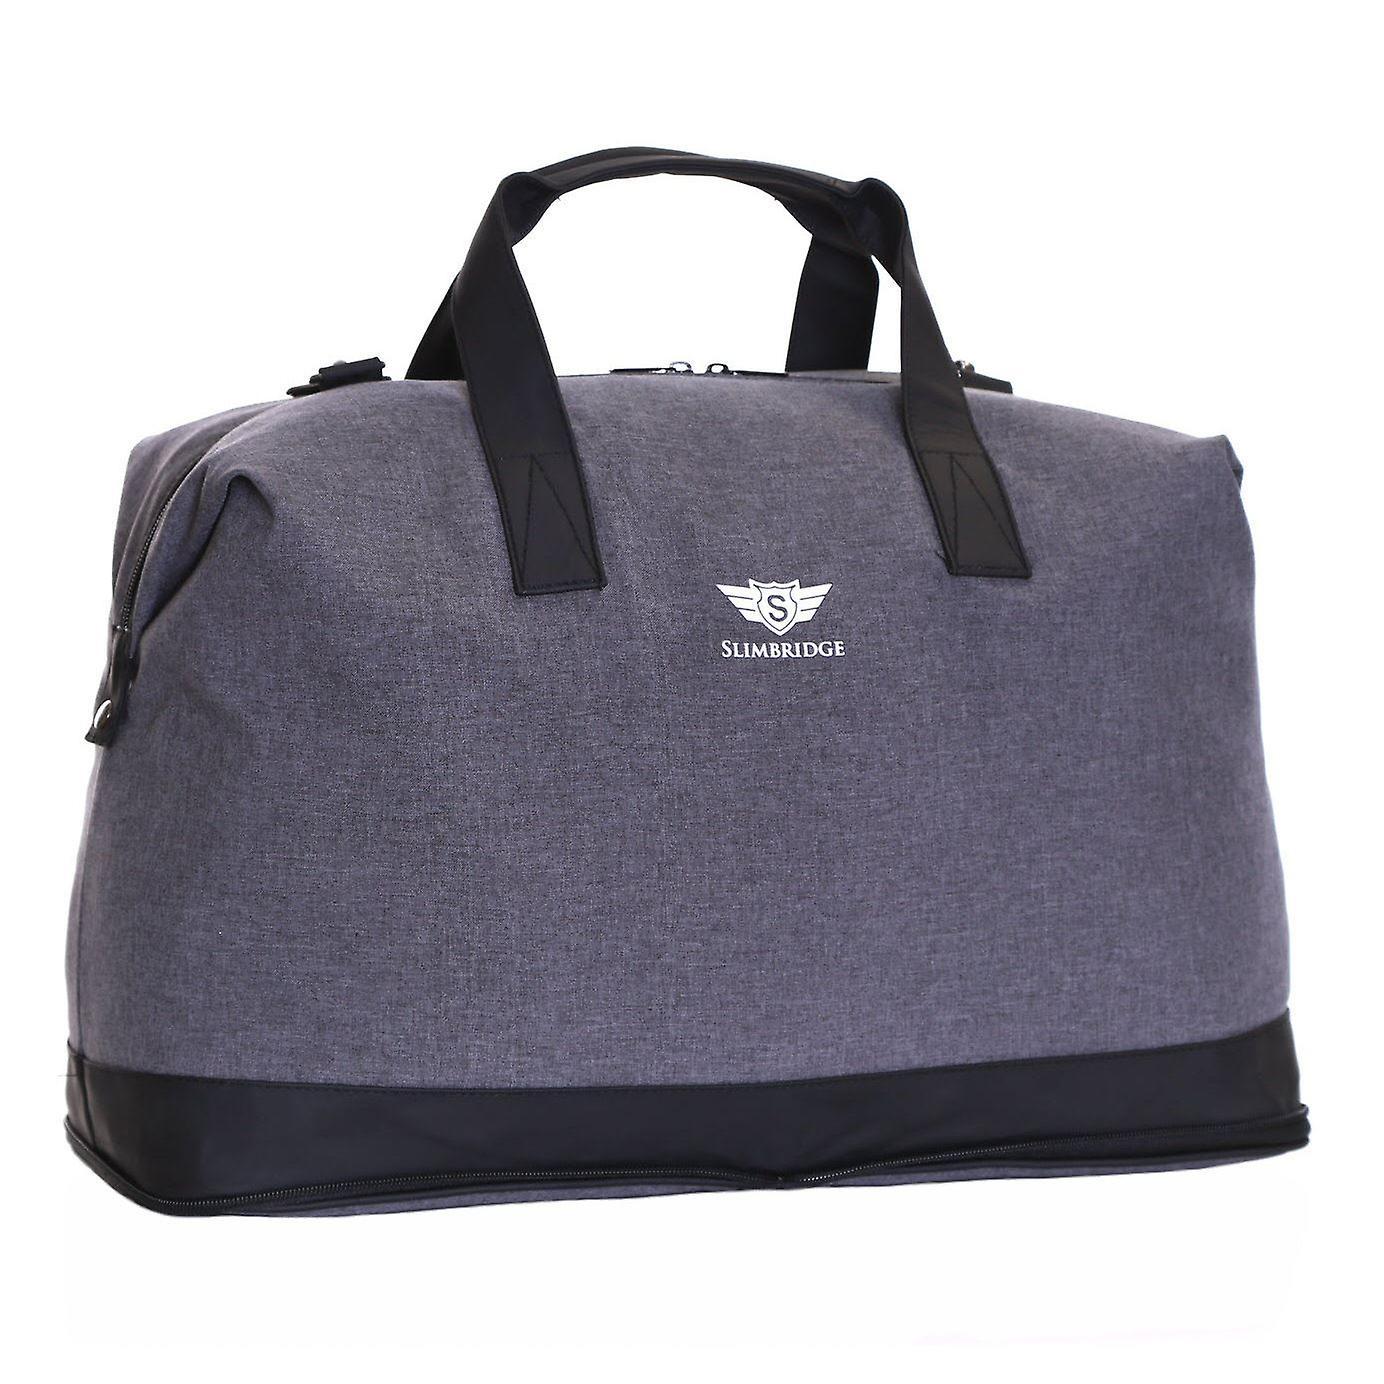 Slimbridge Tuzla Folding Cabin Bag, Grey